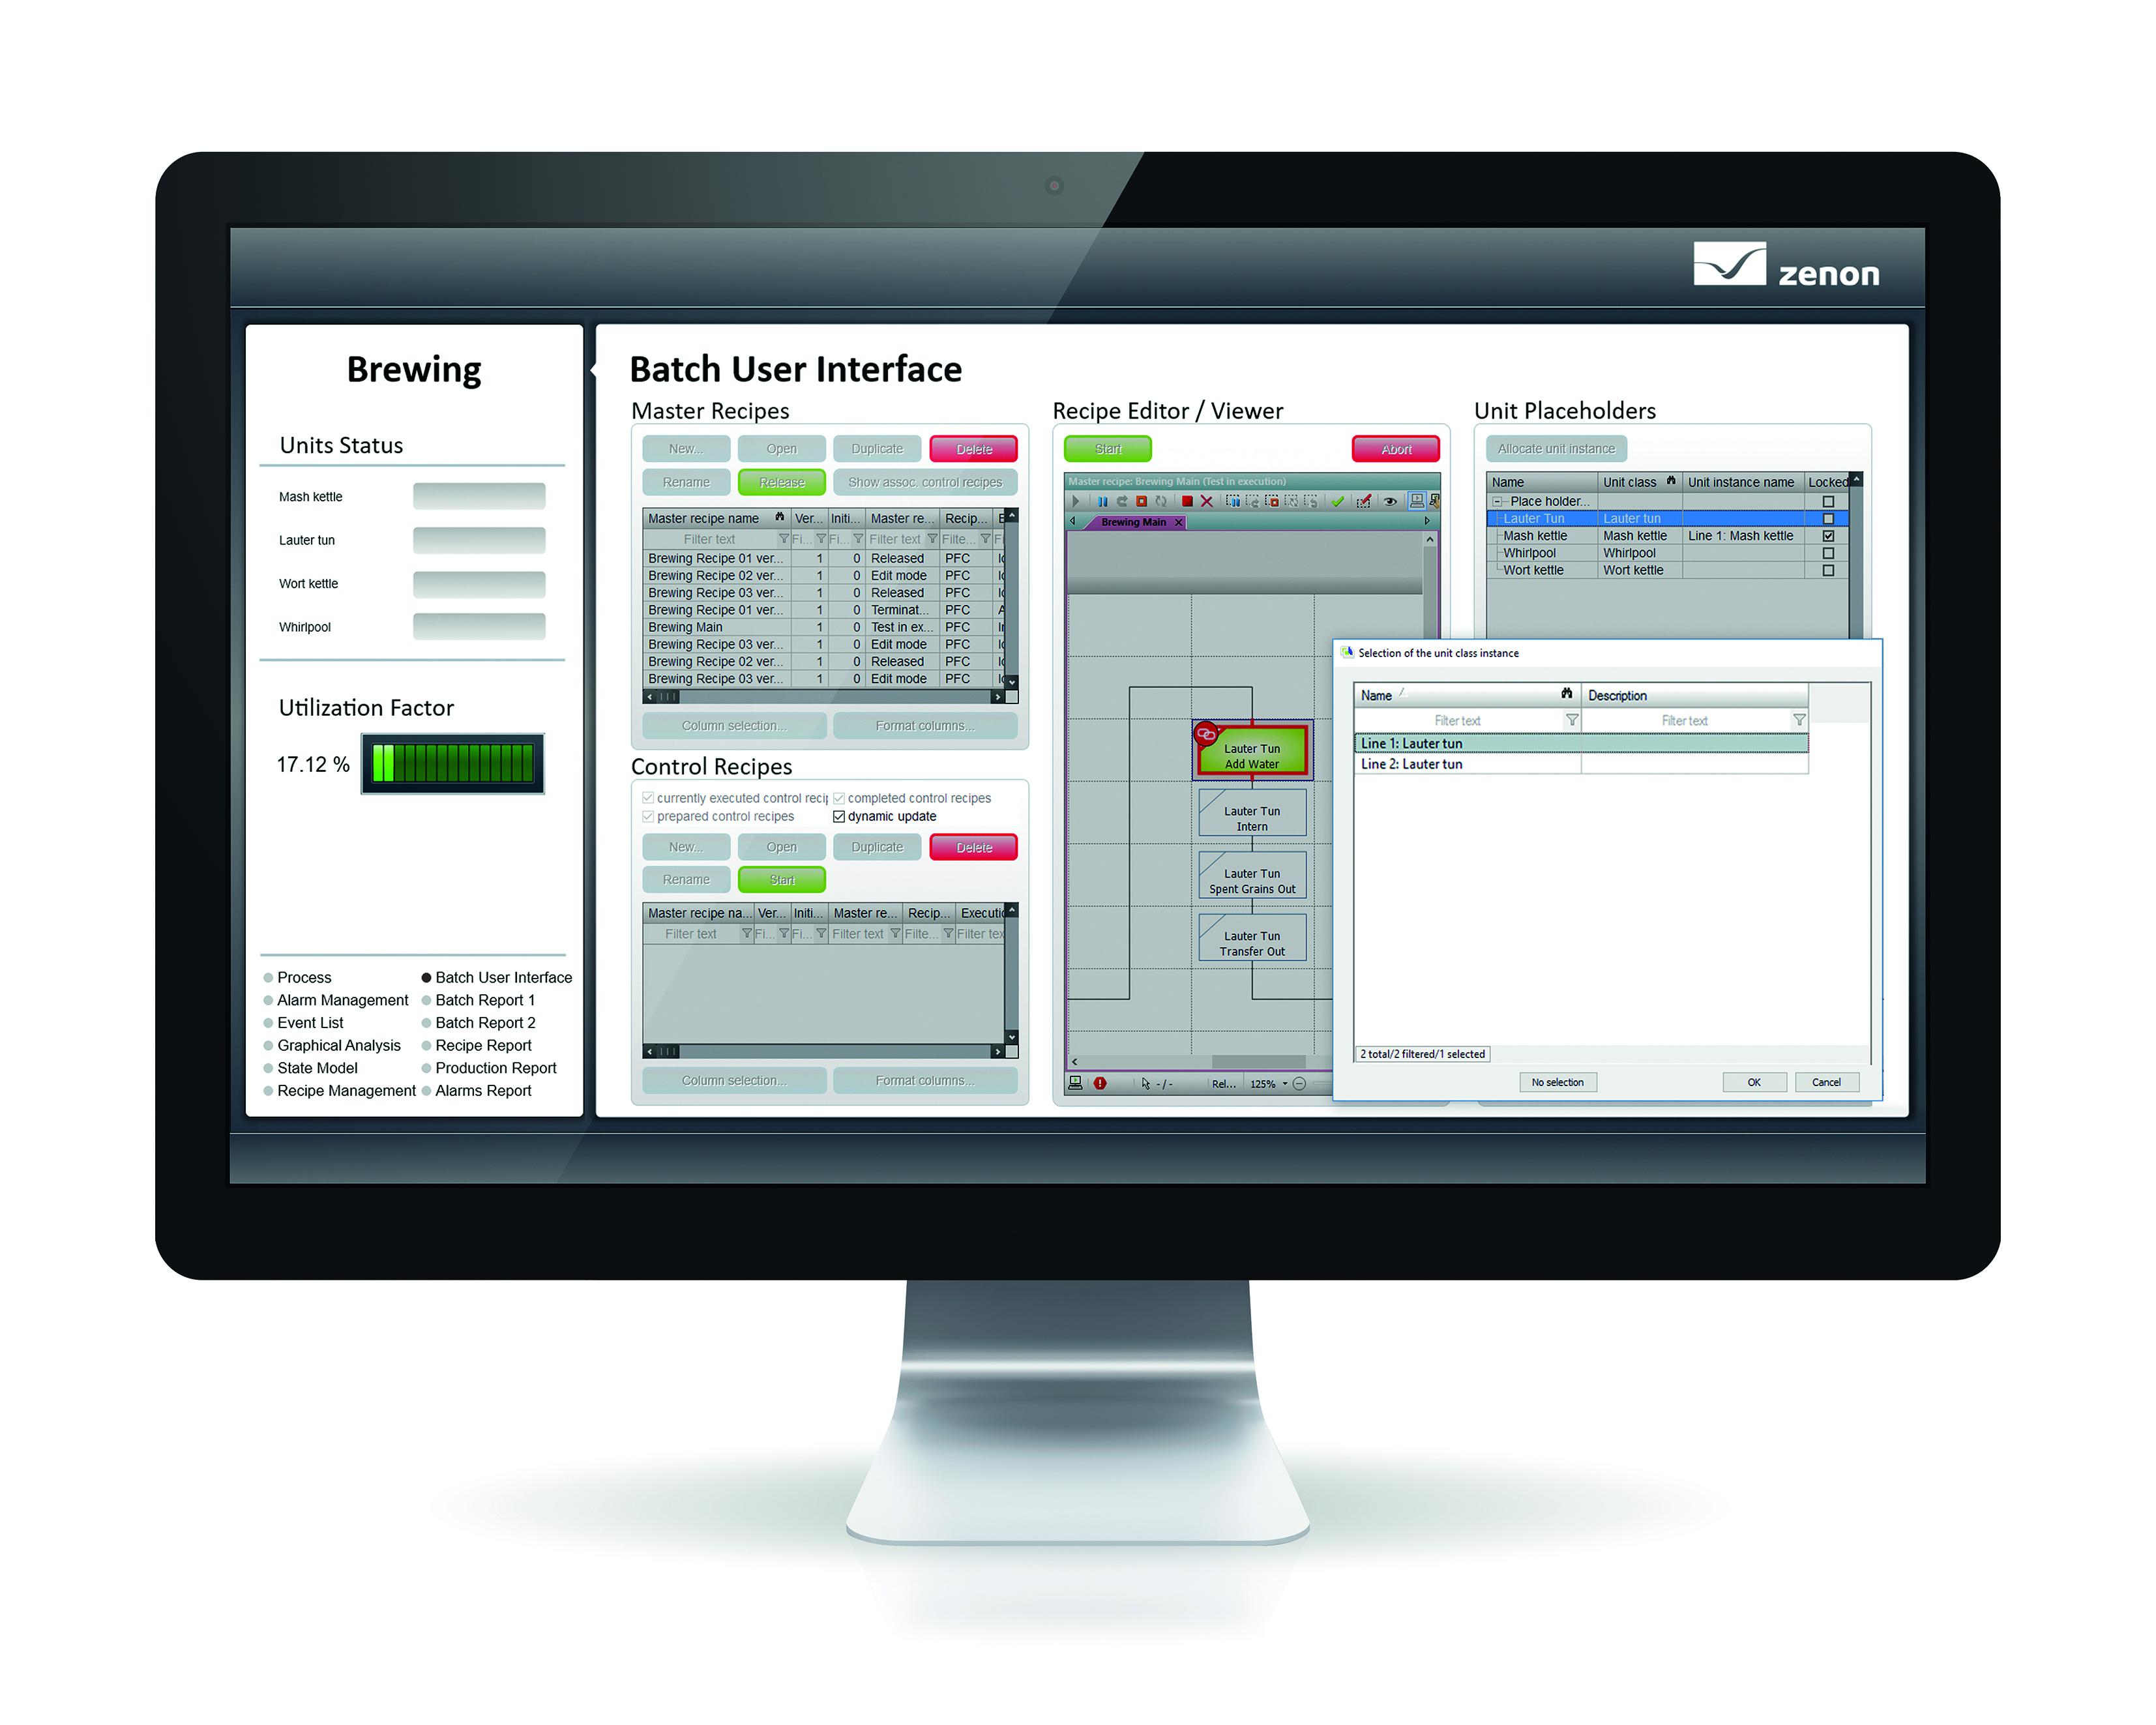 Klasy jednostek w module zenon Batch Control mogą być wykorzystywane do tworzenia ogólnych receptur. Użytkownicy pracują swobodnie podczas tworzenia receptur, a następnie operatorzy decydują, jakie jednostki sprzętowe mają być wykorzystywane w momencie rozpoczęcia produkcji każdej partii.